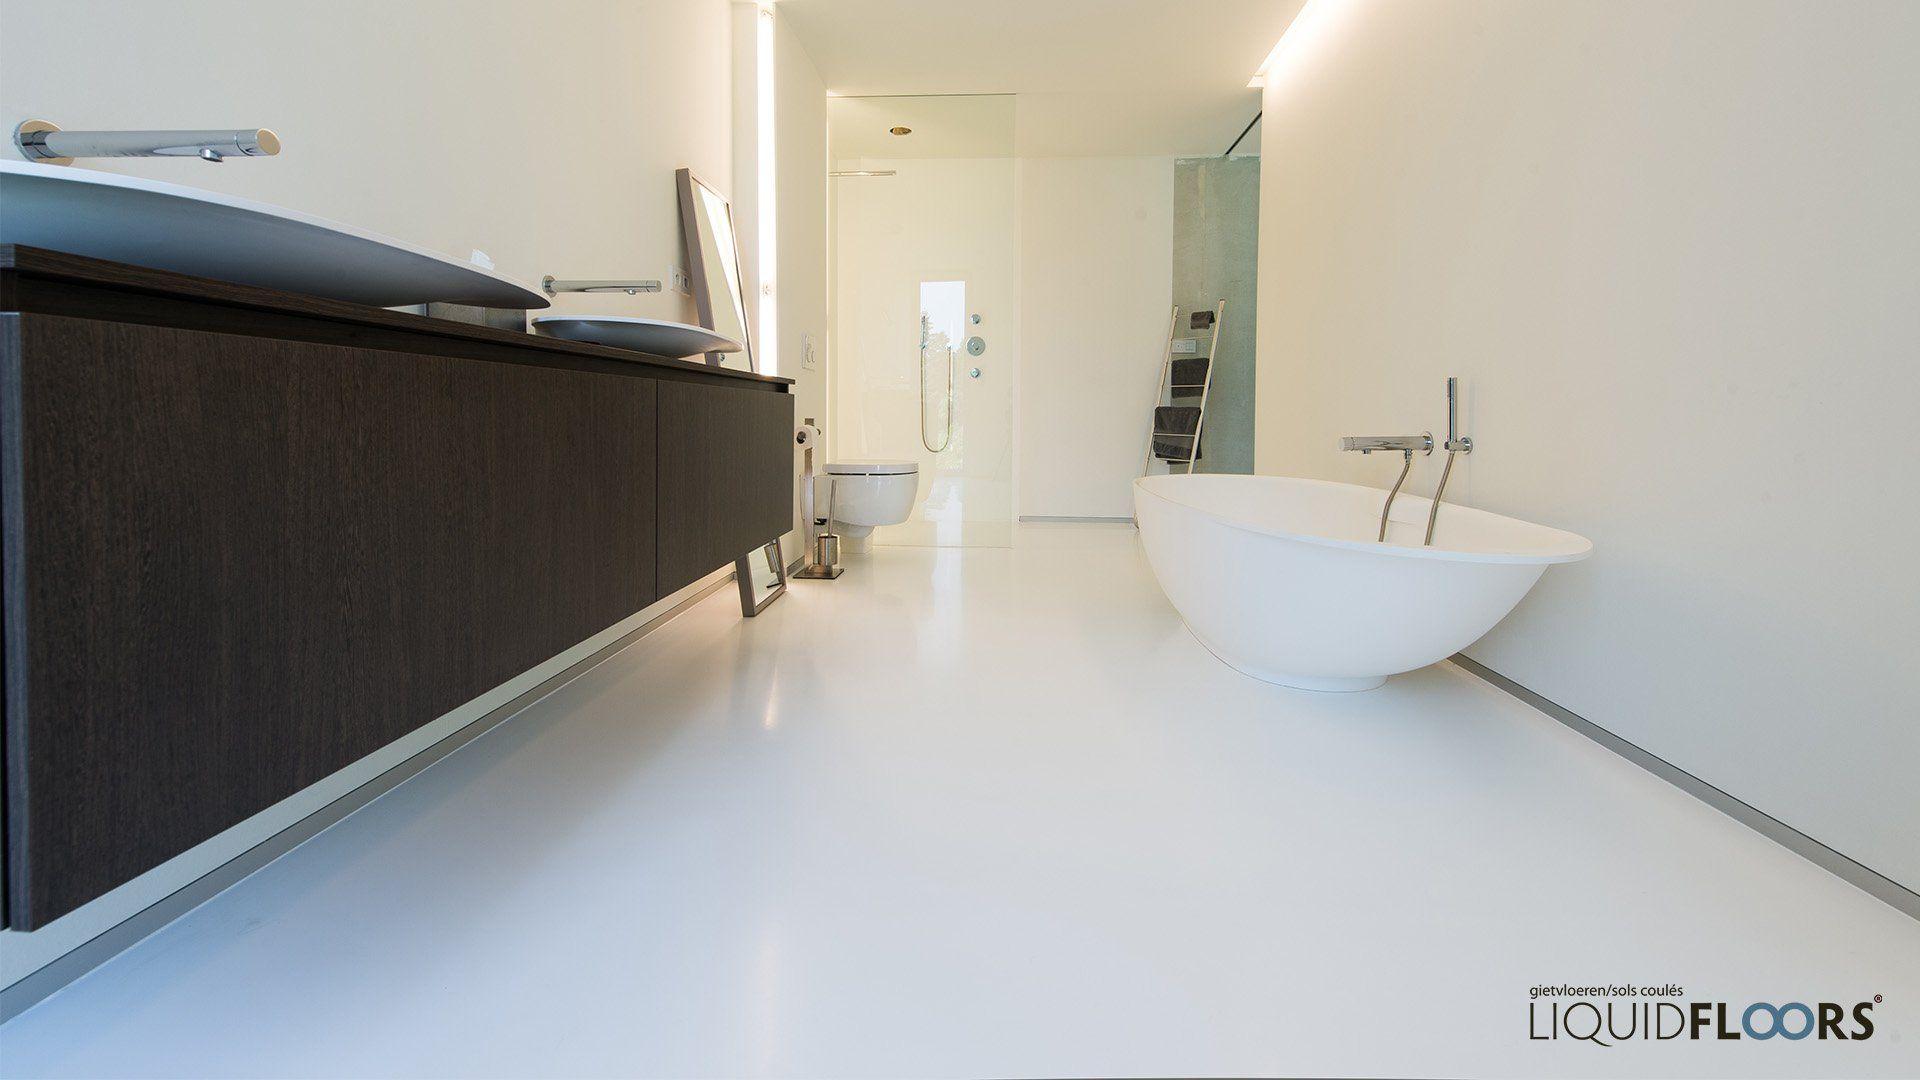 Badkamer Met Gietvloer : Gietvloer badkamer liquidfloors recital hall in